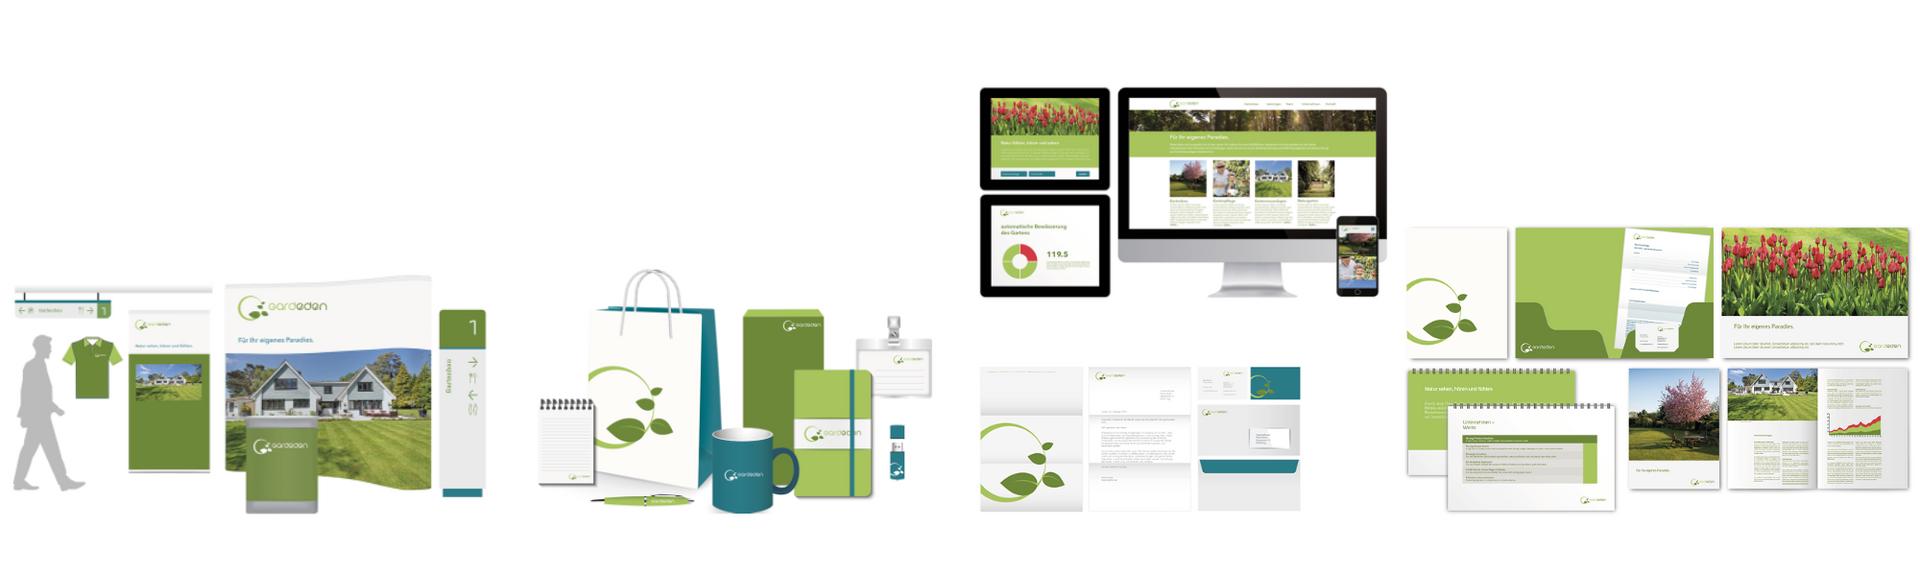 Corporate Design Lösung für Gartenbau